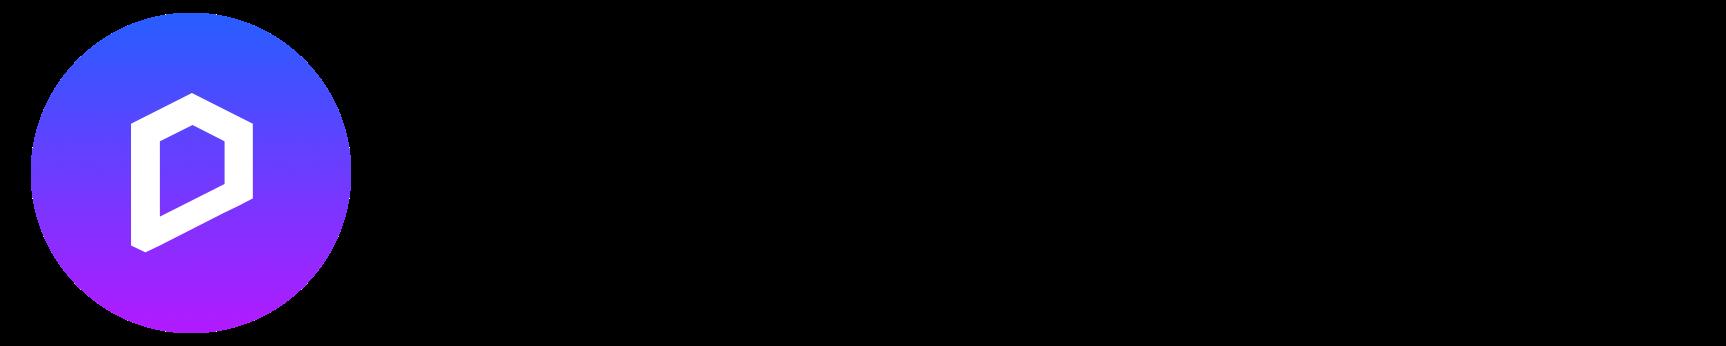 d5render-logo